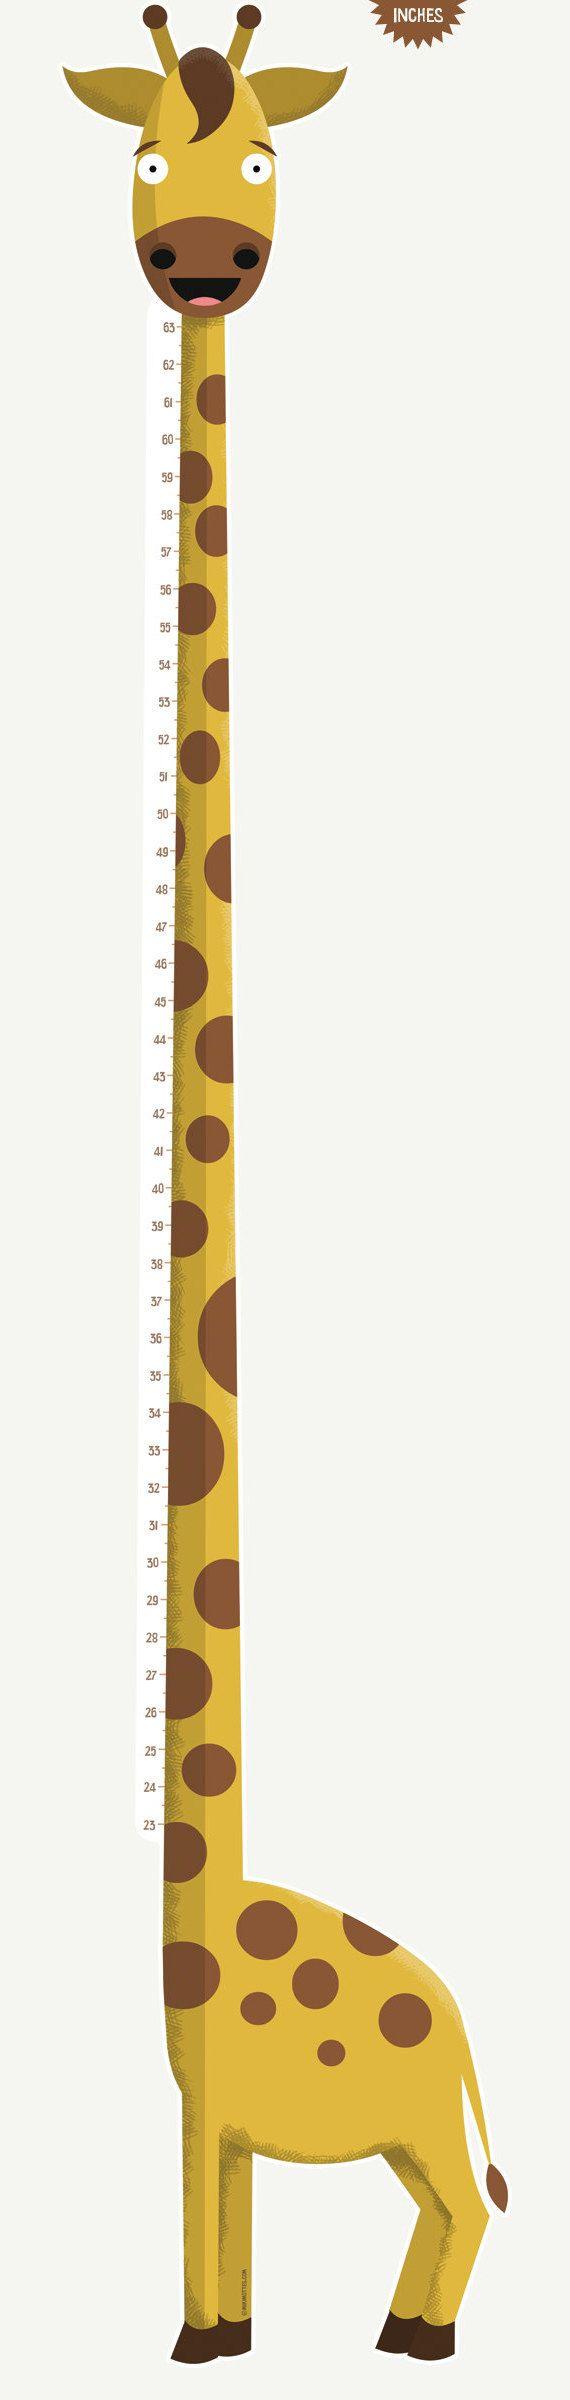 Kids wall art growth chart the tallest giraffe inch height kids wall art growth chart the tallest giraffe inch height chart nvjuhfo Choice Image